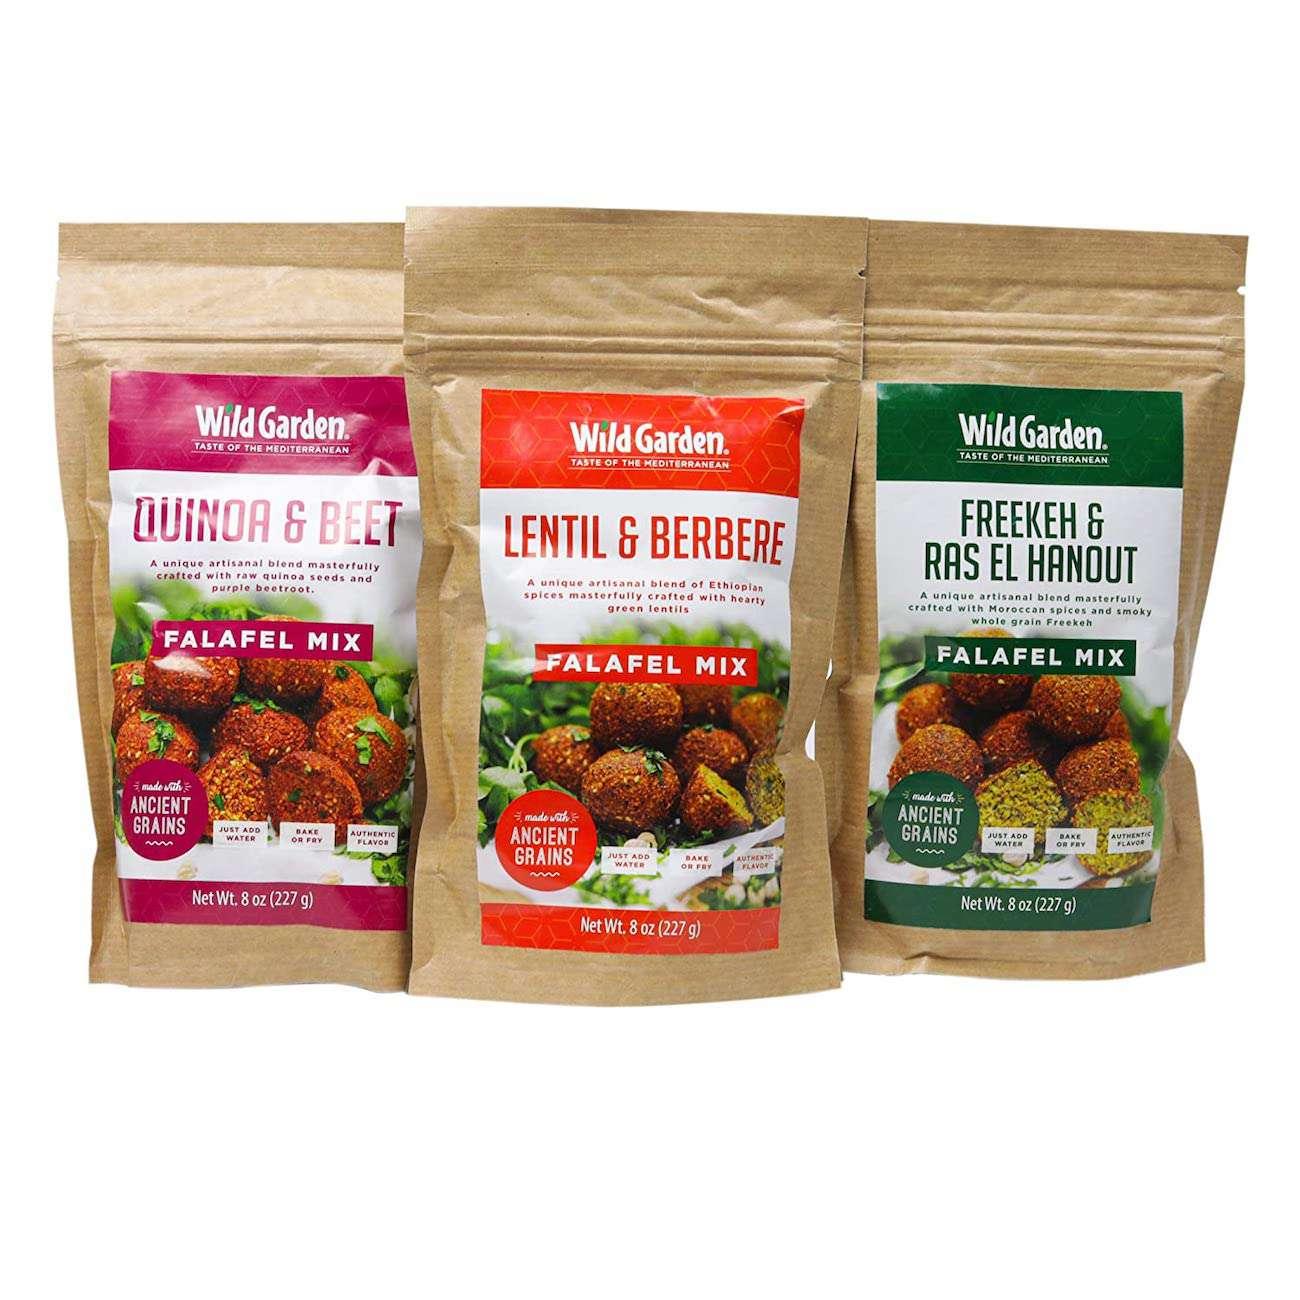 Wild Garden Ancient Grains Falafel Mix Variety Pack